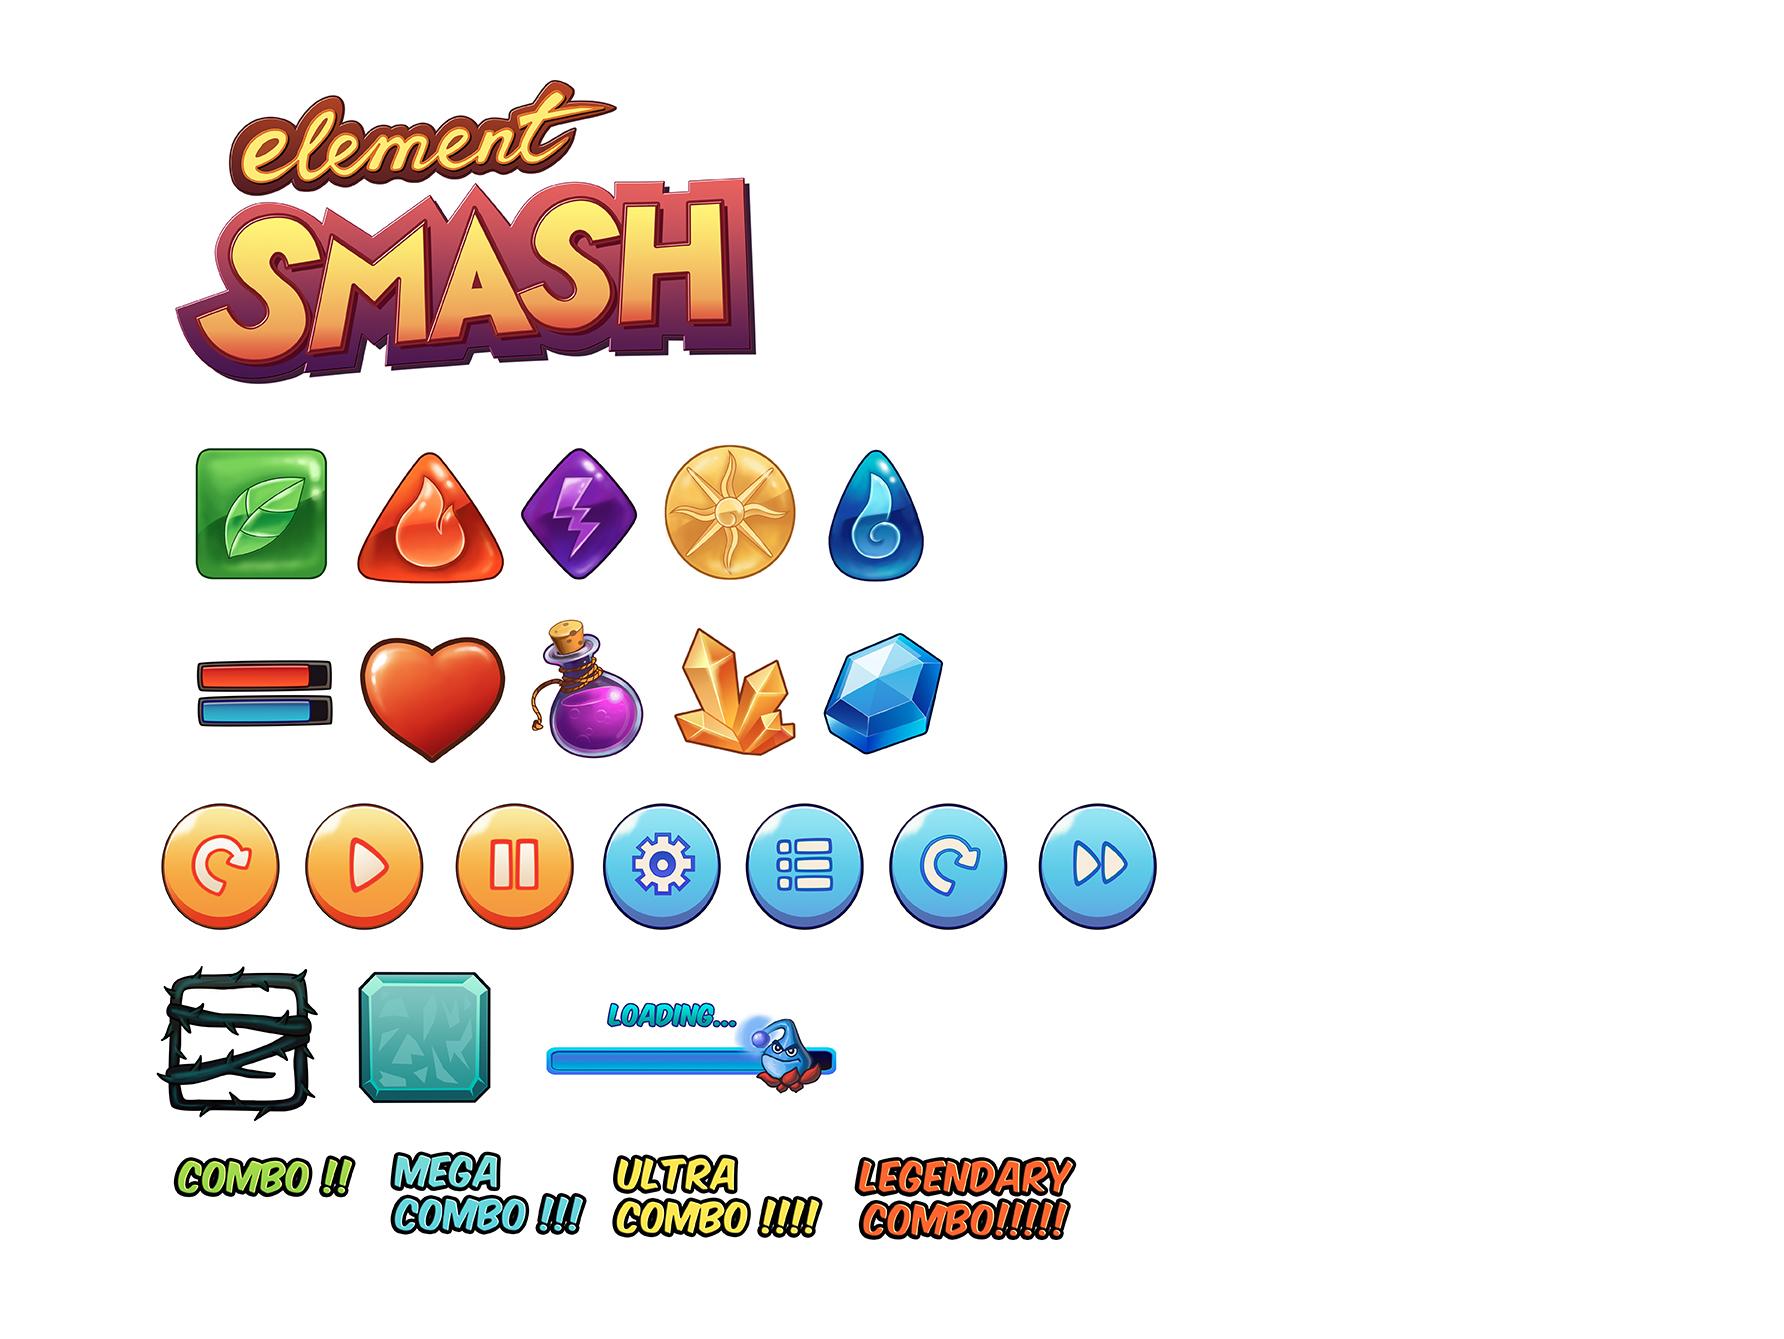 Elementsmash-3